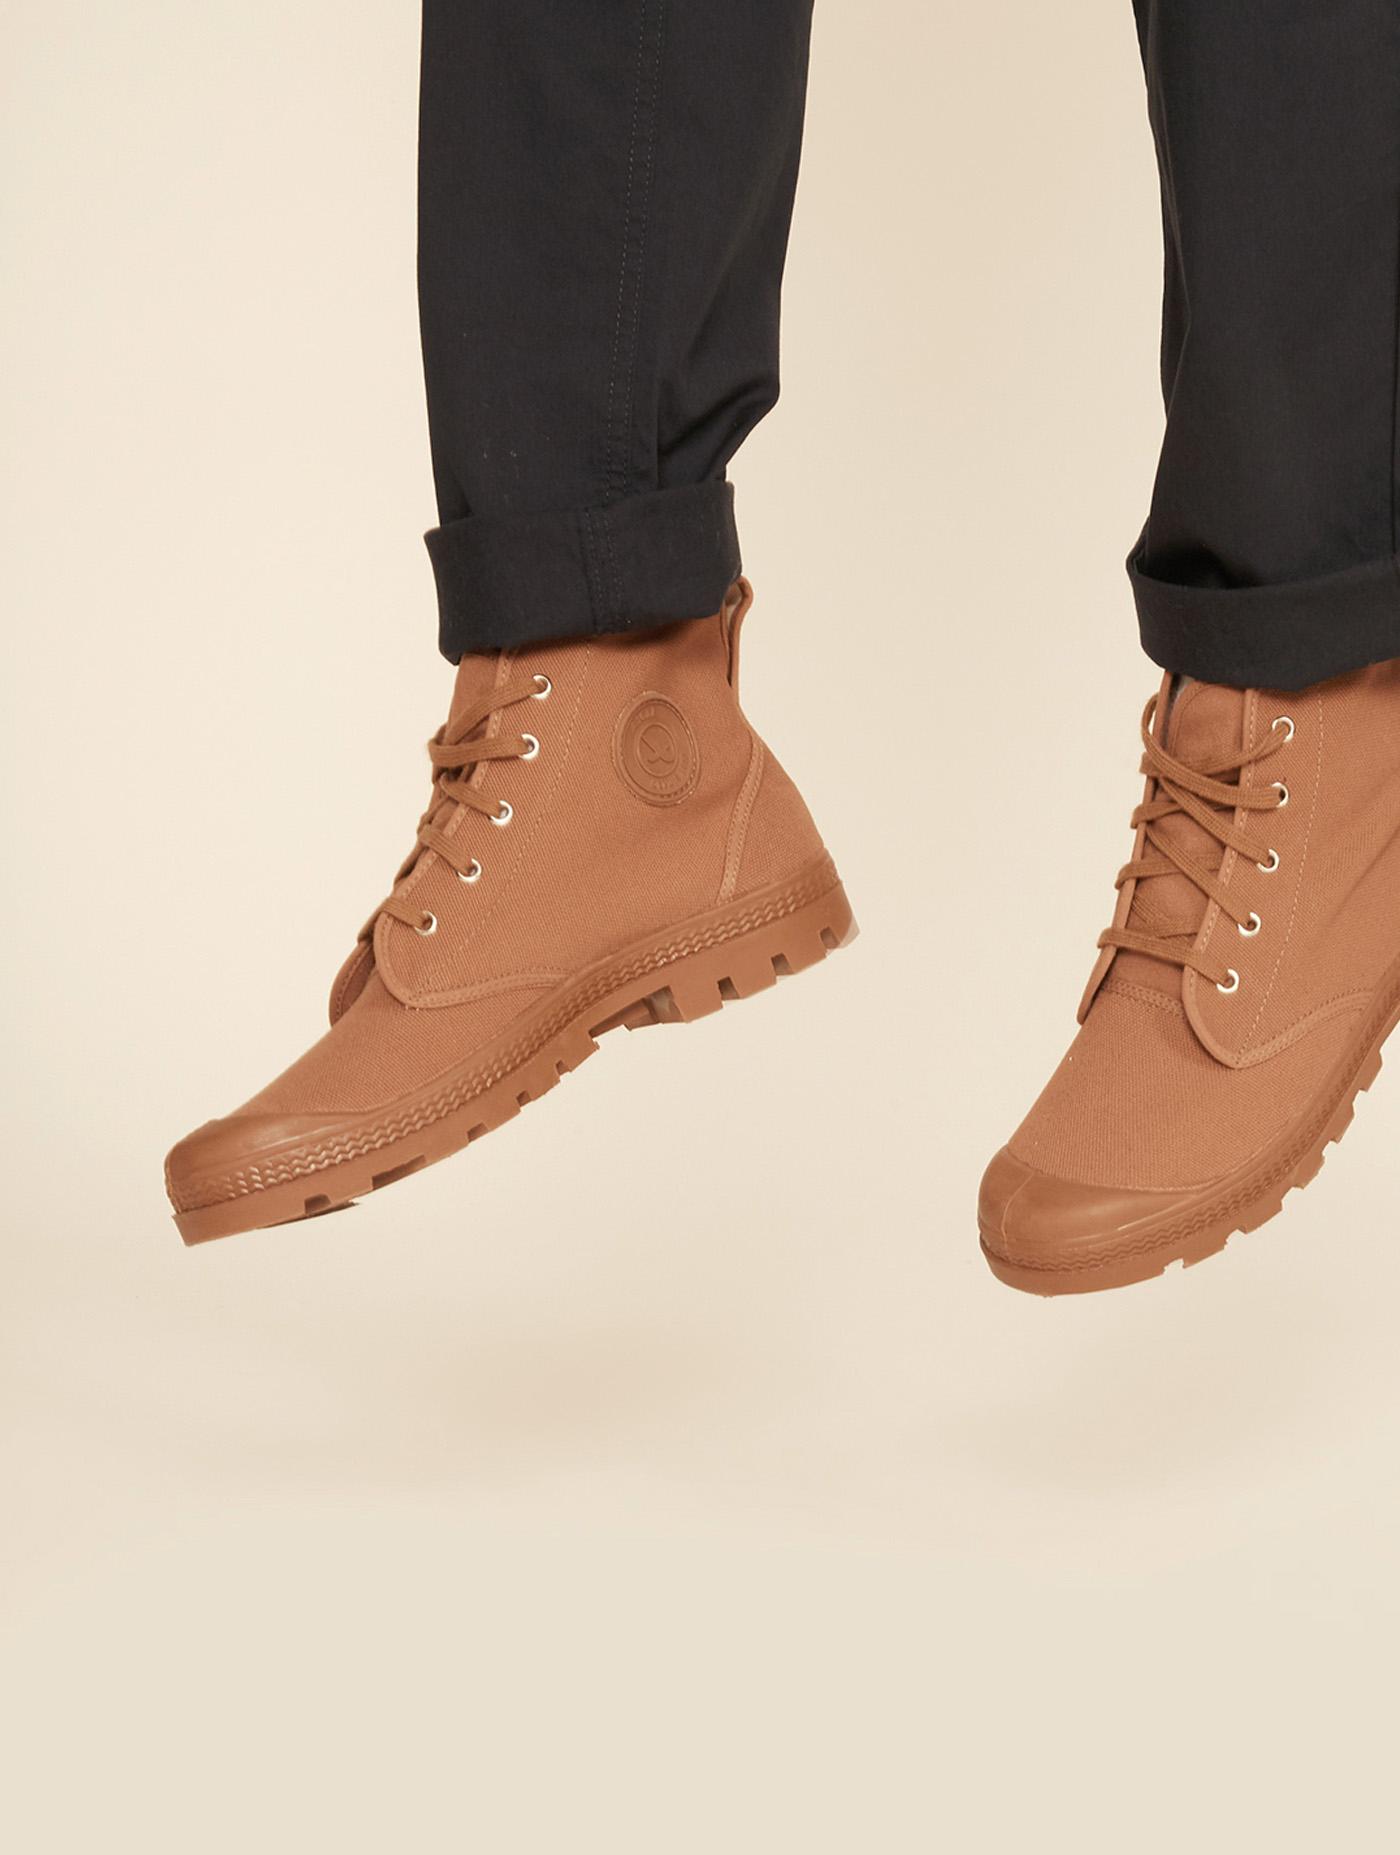 chaussures de randonnée femme solde aigle